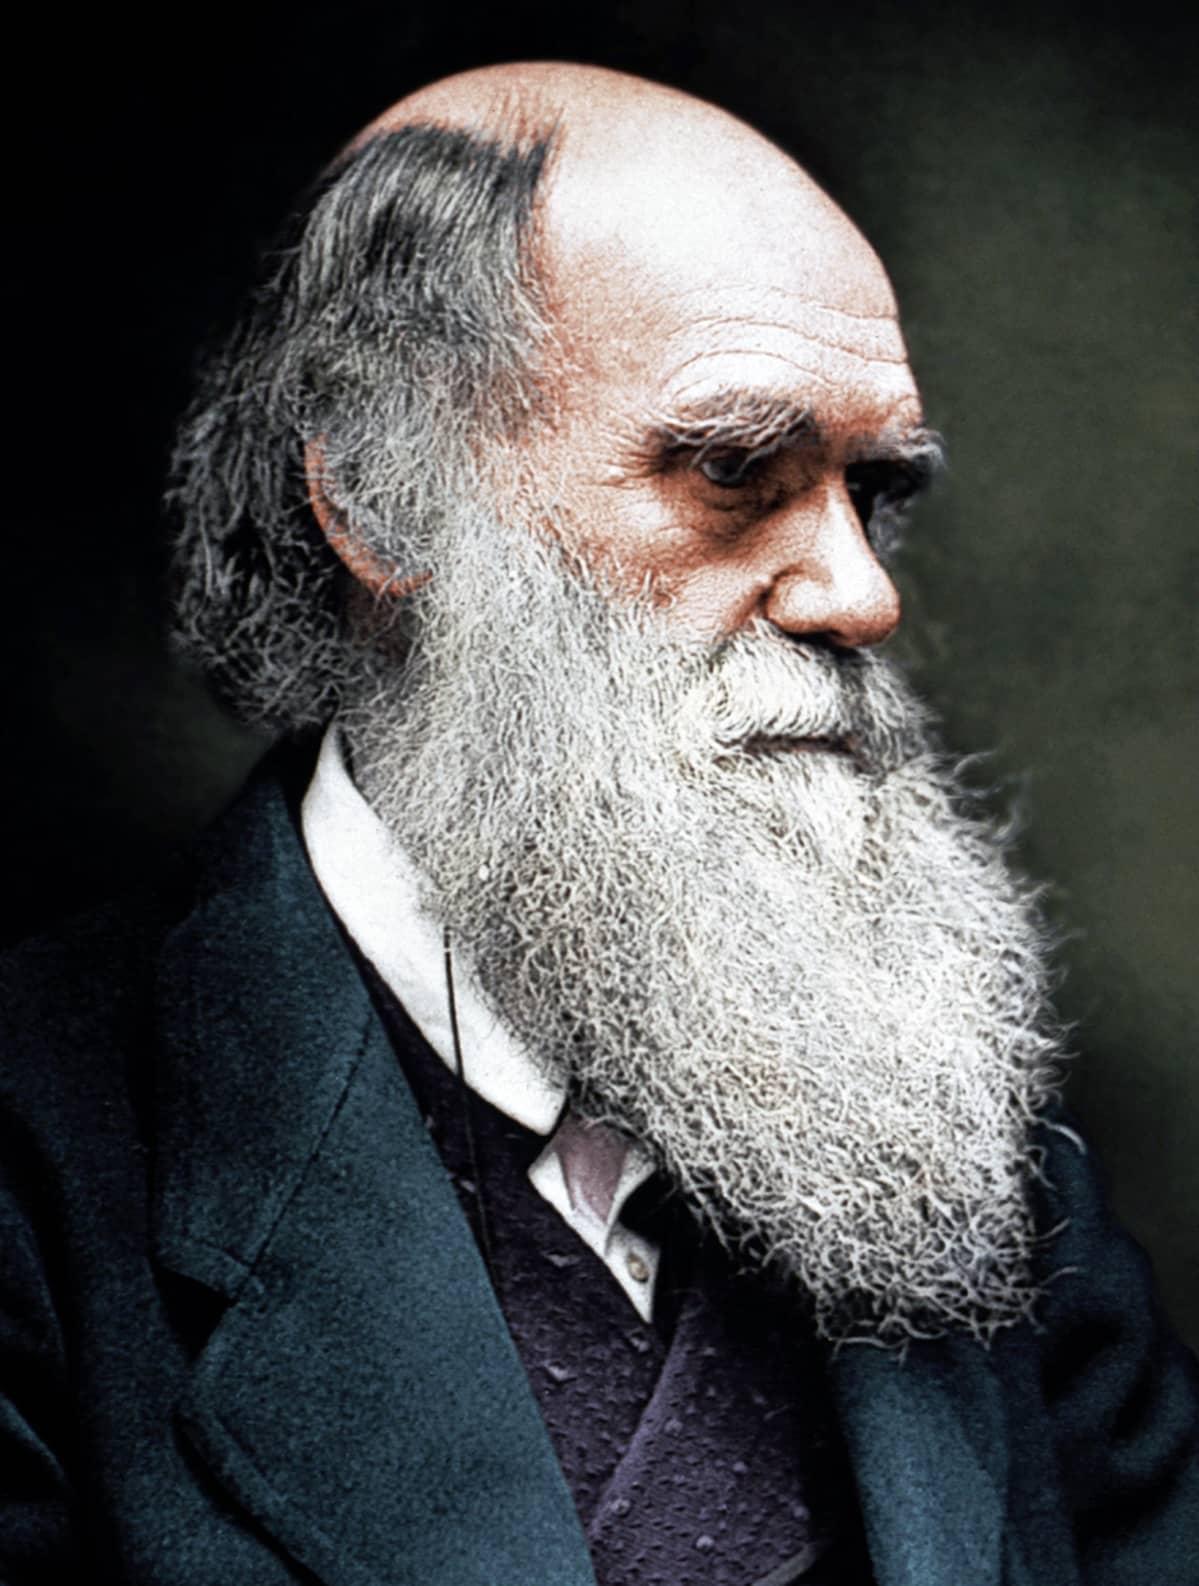 Luonnontieteilijä Charles Darwin (1809-1882)